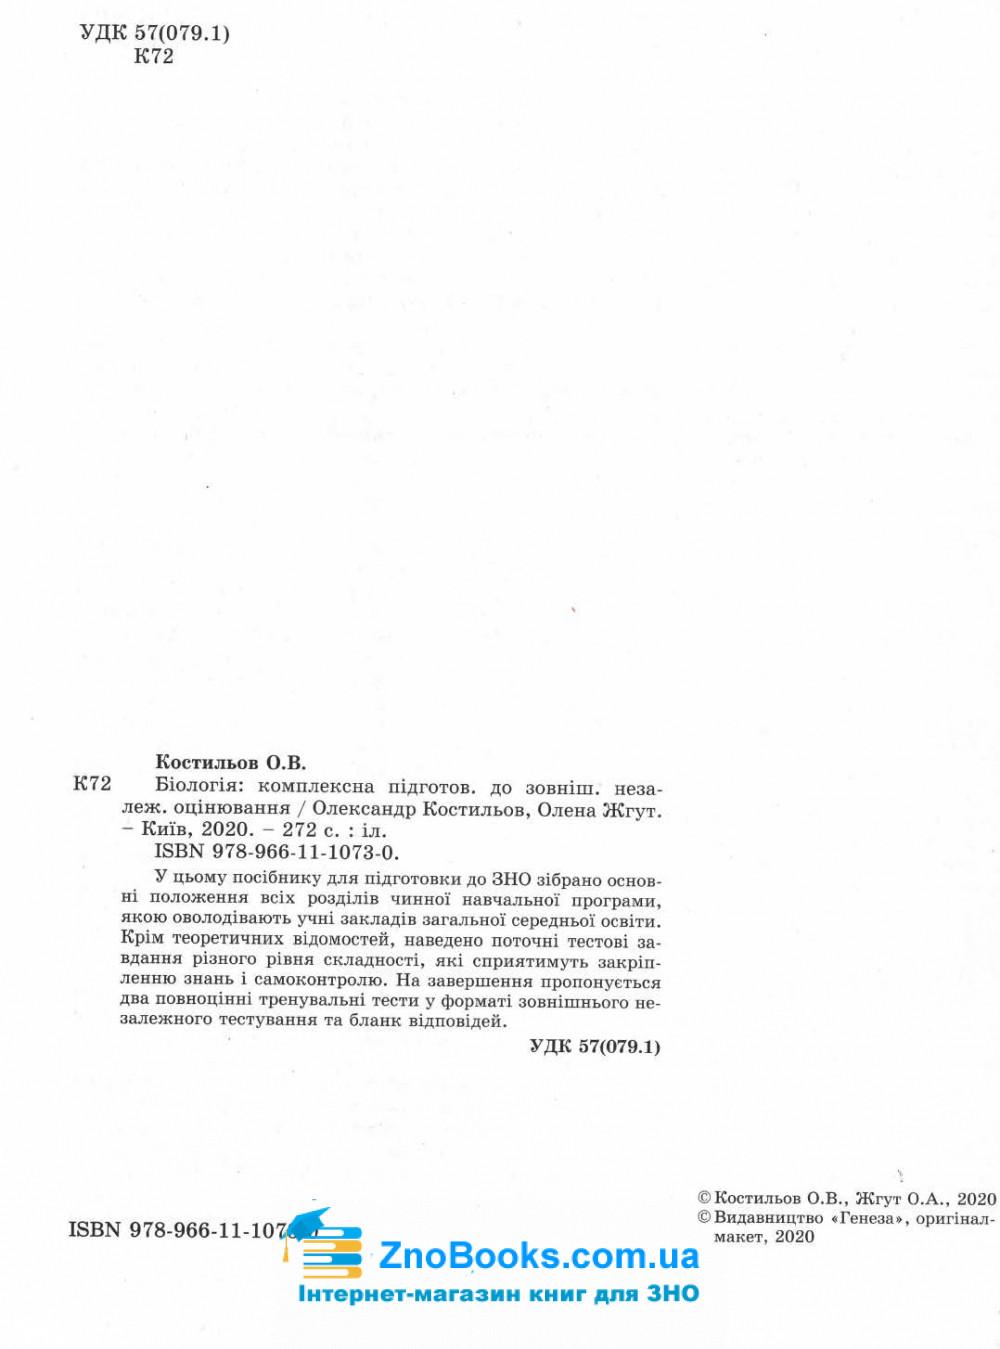 Біологія ЗНО 2021. Комплексна підготовка + онлайн тренування : Костильов О., Жгут О. Генеза. купити 2